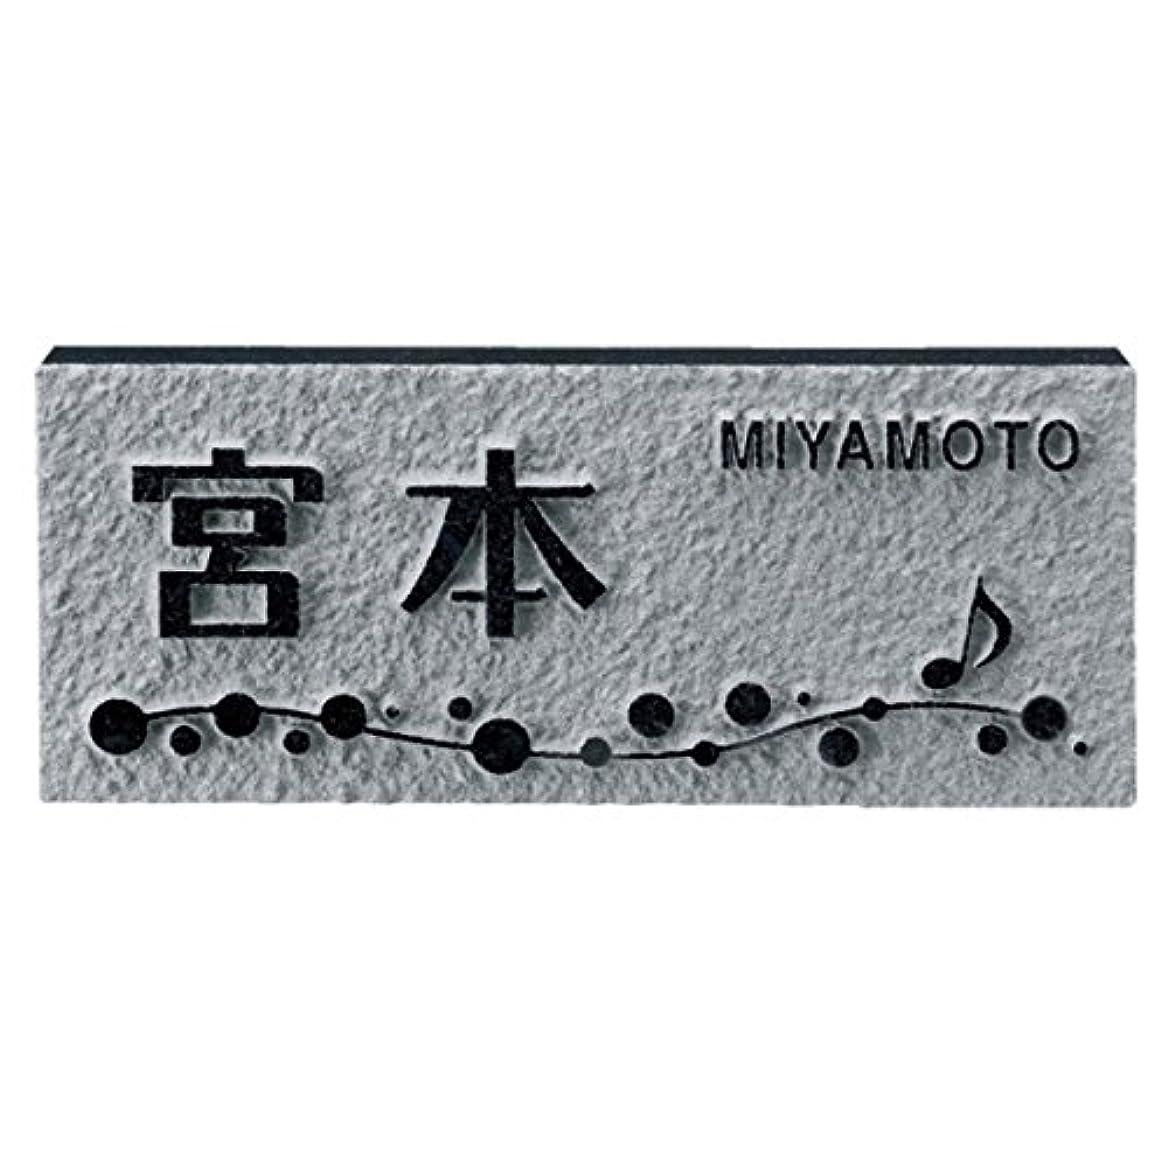 大使契約するシャット福彫 UKIBORI レリーフ黒ミカゲ D60 『表札 サイン 戸建』